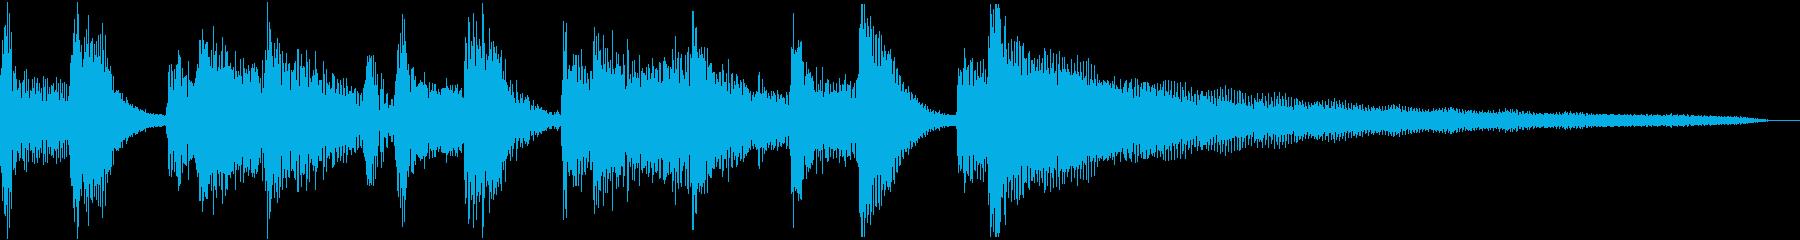 オシャレなジャズのジングルの再生済みの波形